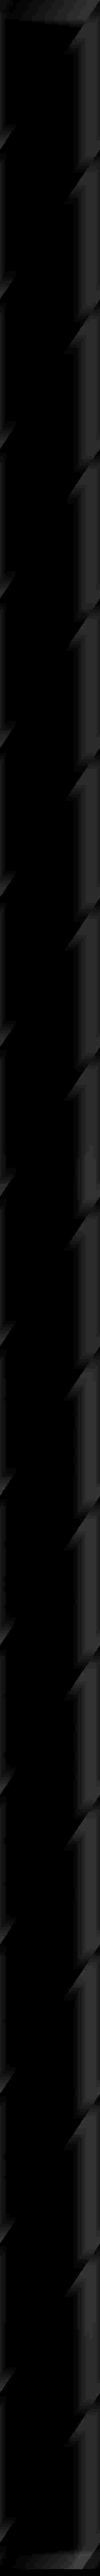 Paradyż Uniwersalna Listwa Szklana Nero